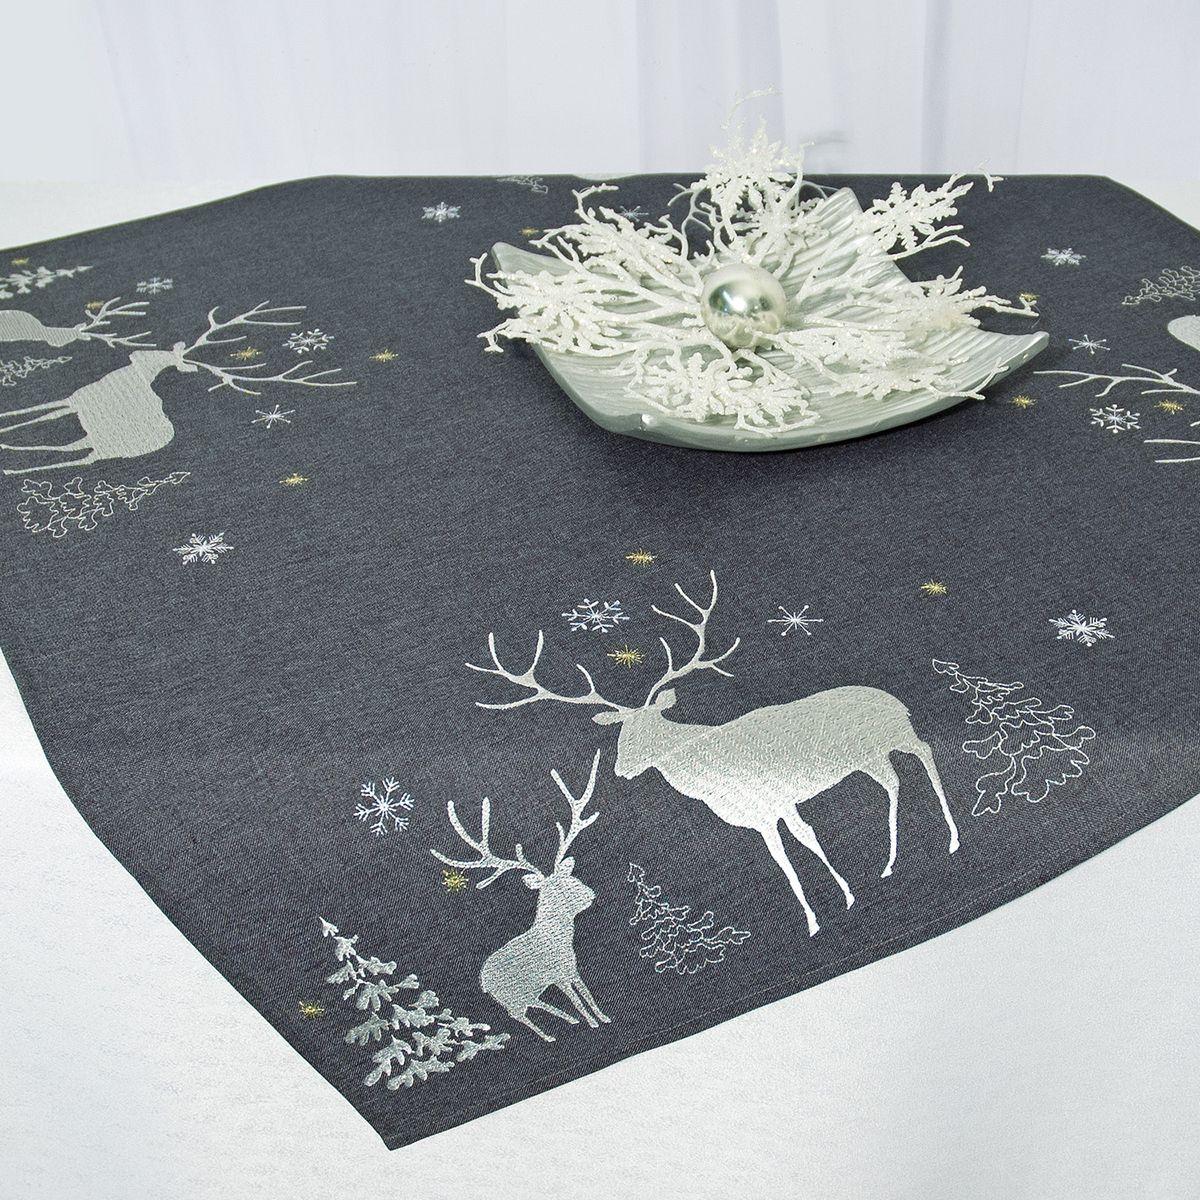 Скатерть Schaefer, квадратная, цвет: серый, 85 x 85 см 07670-100VT-1520(SR)Квадратная скатерть Schaefer, выполненная из полиэстера, станет украшением новогоднего стола. Изделие декорировано оригинальной вышивкой в виде оленей, елок и снежинок. За текстилем из полиэстера очень легко ухаживать: он легко стирается, не мнется, не садится и быстро сохнет, более долговечен, чем текстиль из натуральных волокон.Использование такой скатерти сделает застолье торжественным, поднимет настроение гостей и приятно удивит их вашим изысканным вкусом. Это текстильное изделие станет изысканным украшением вашего дома!